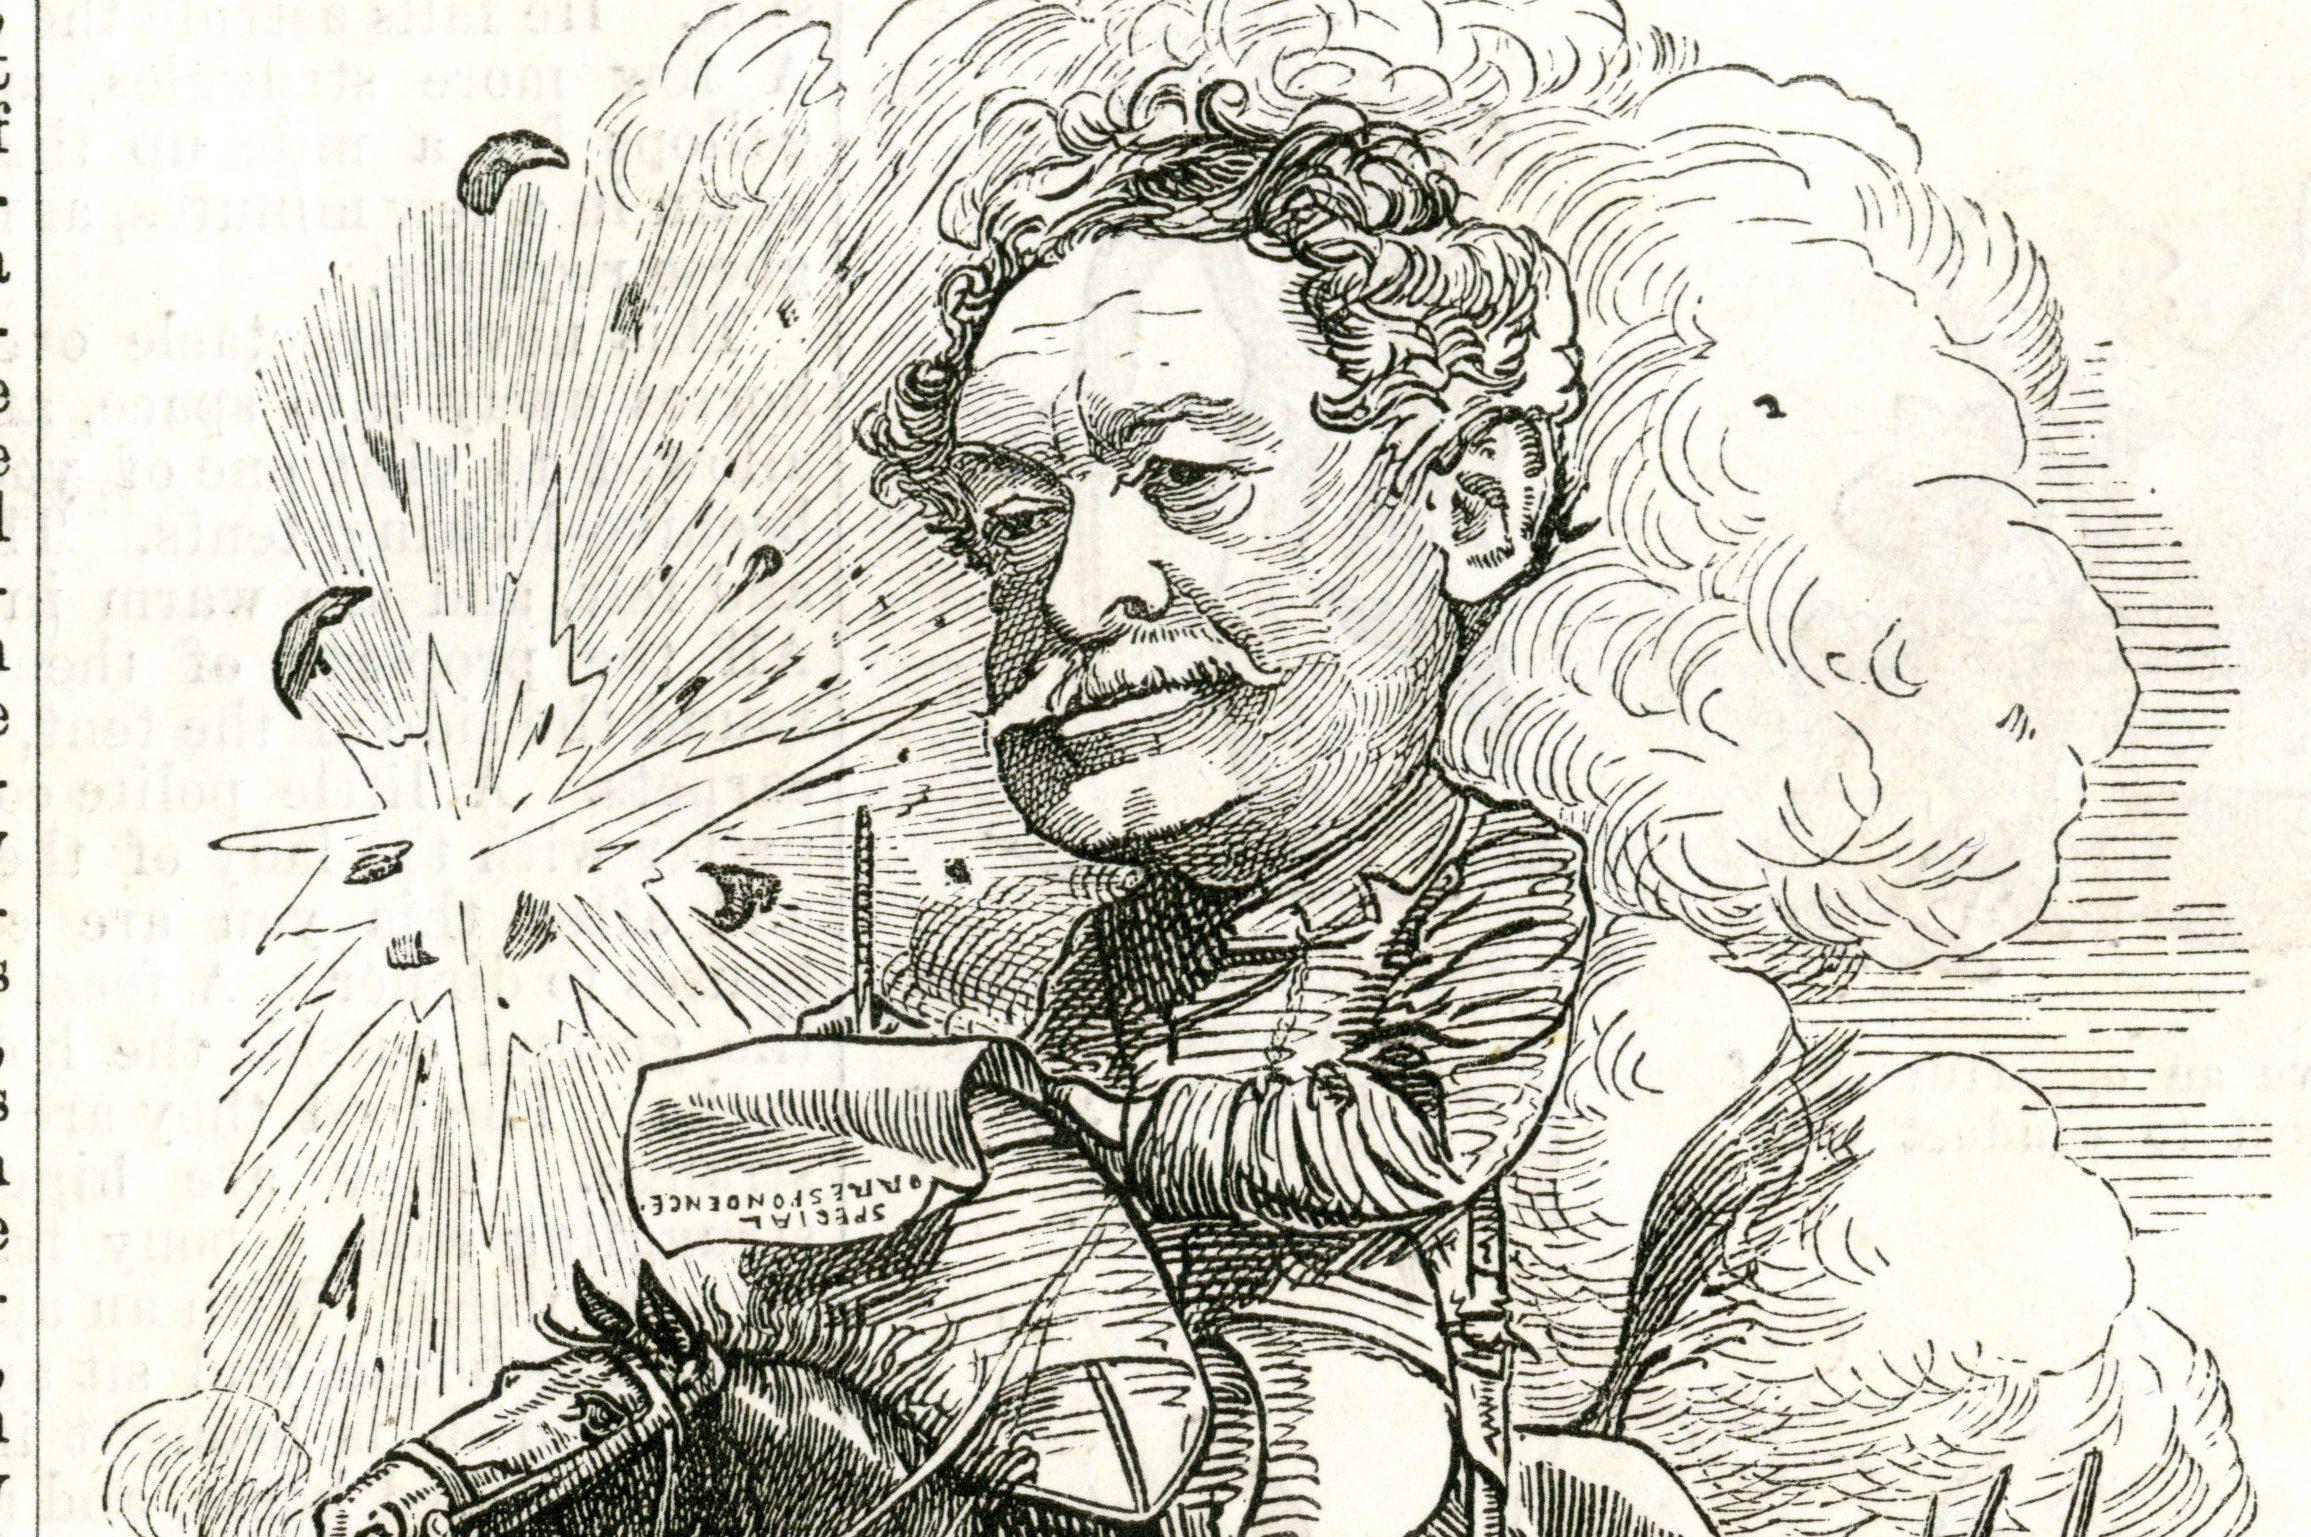 Image courtesy of the British Cartoon Archive, University of Kent. www.cartoons.ac.uk